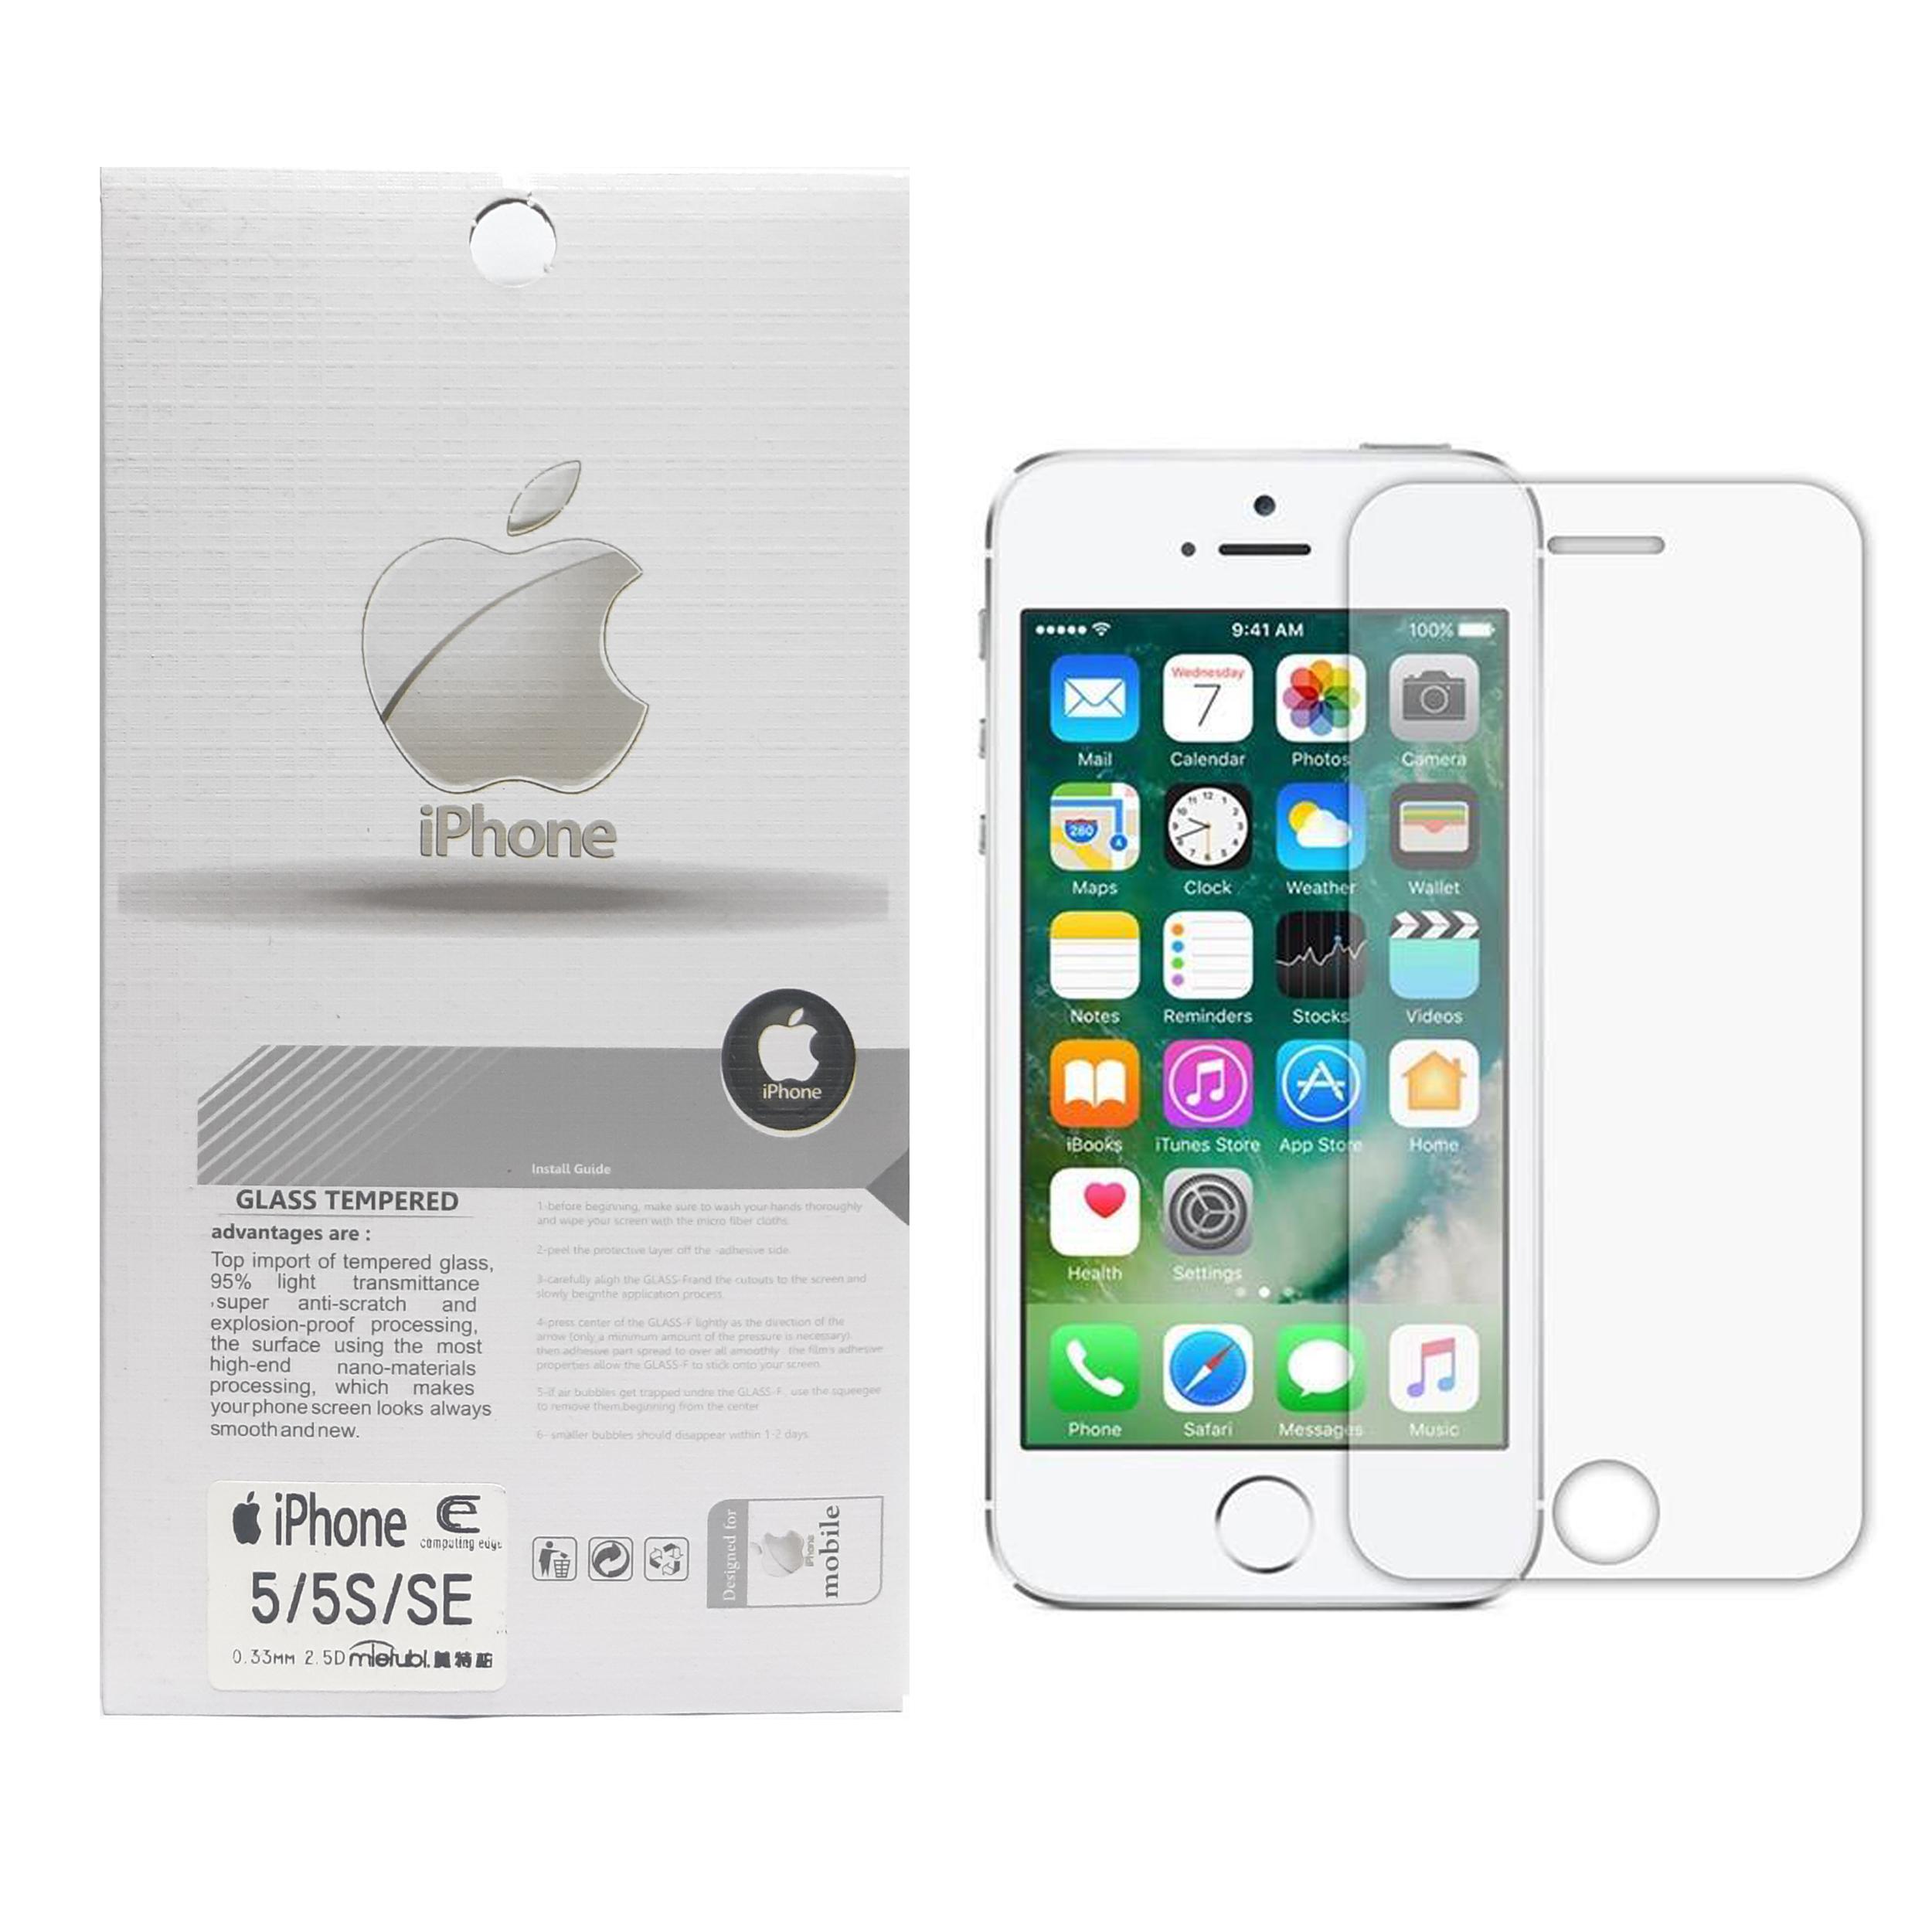 محافظ صفحه نمایش تسلا مدل Tempered مناسب برای گوشی موبایل اپل iphone 5/5s/se